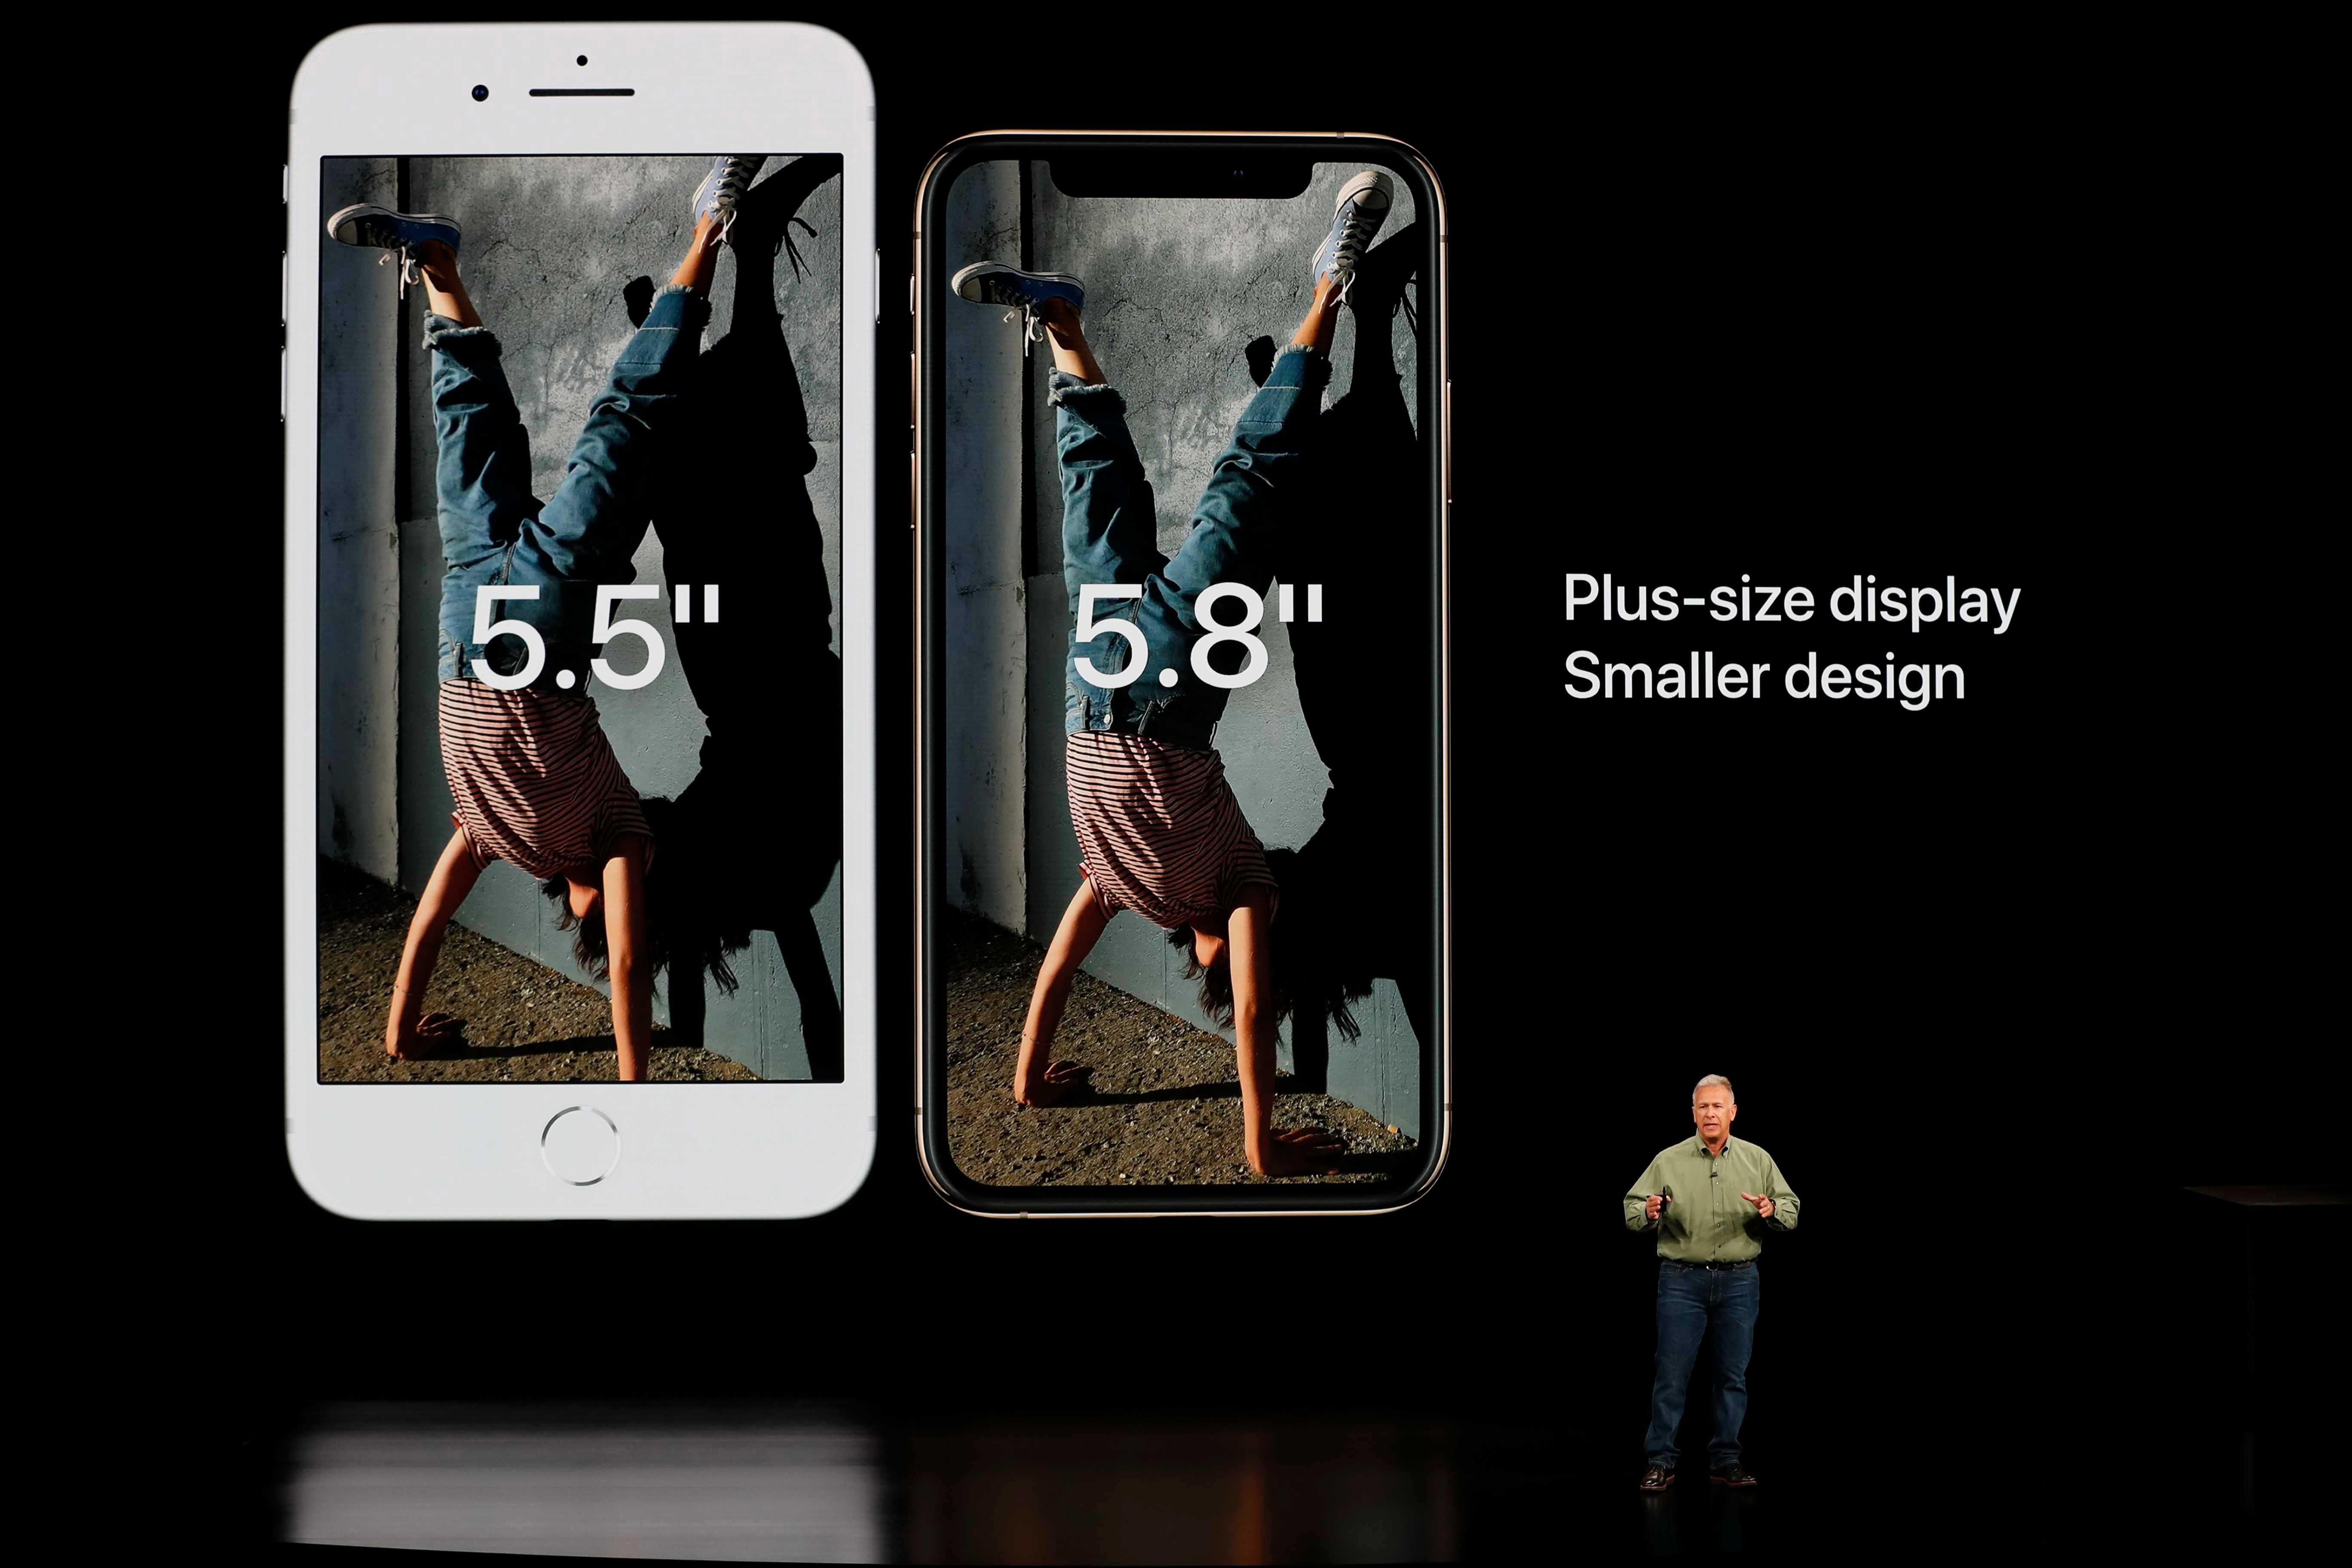 أكبر 2019 iPhone يمكن أن يكون أكبر من Apple2018 نماذج ، وفقا لشائعات عن 6.7 بوصة المحمول